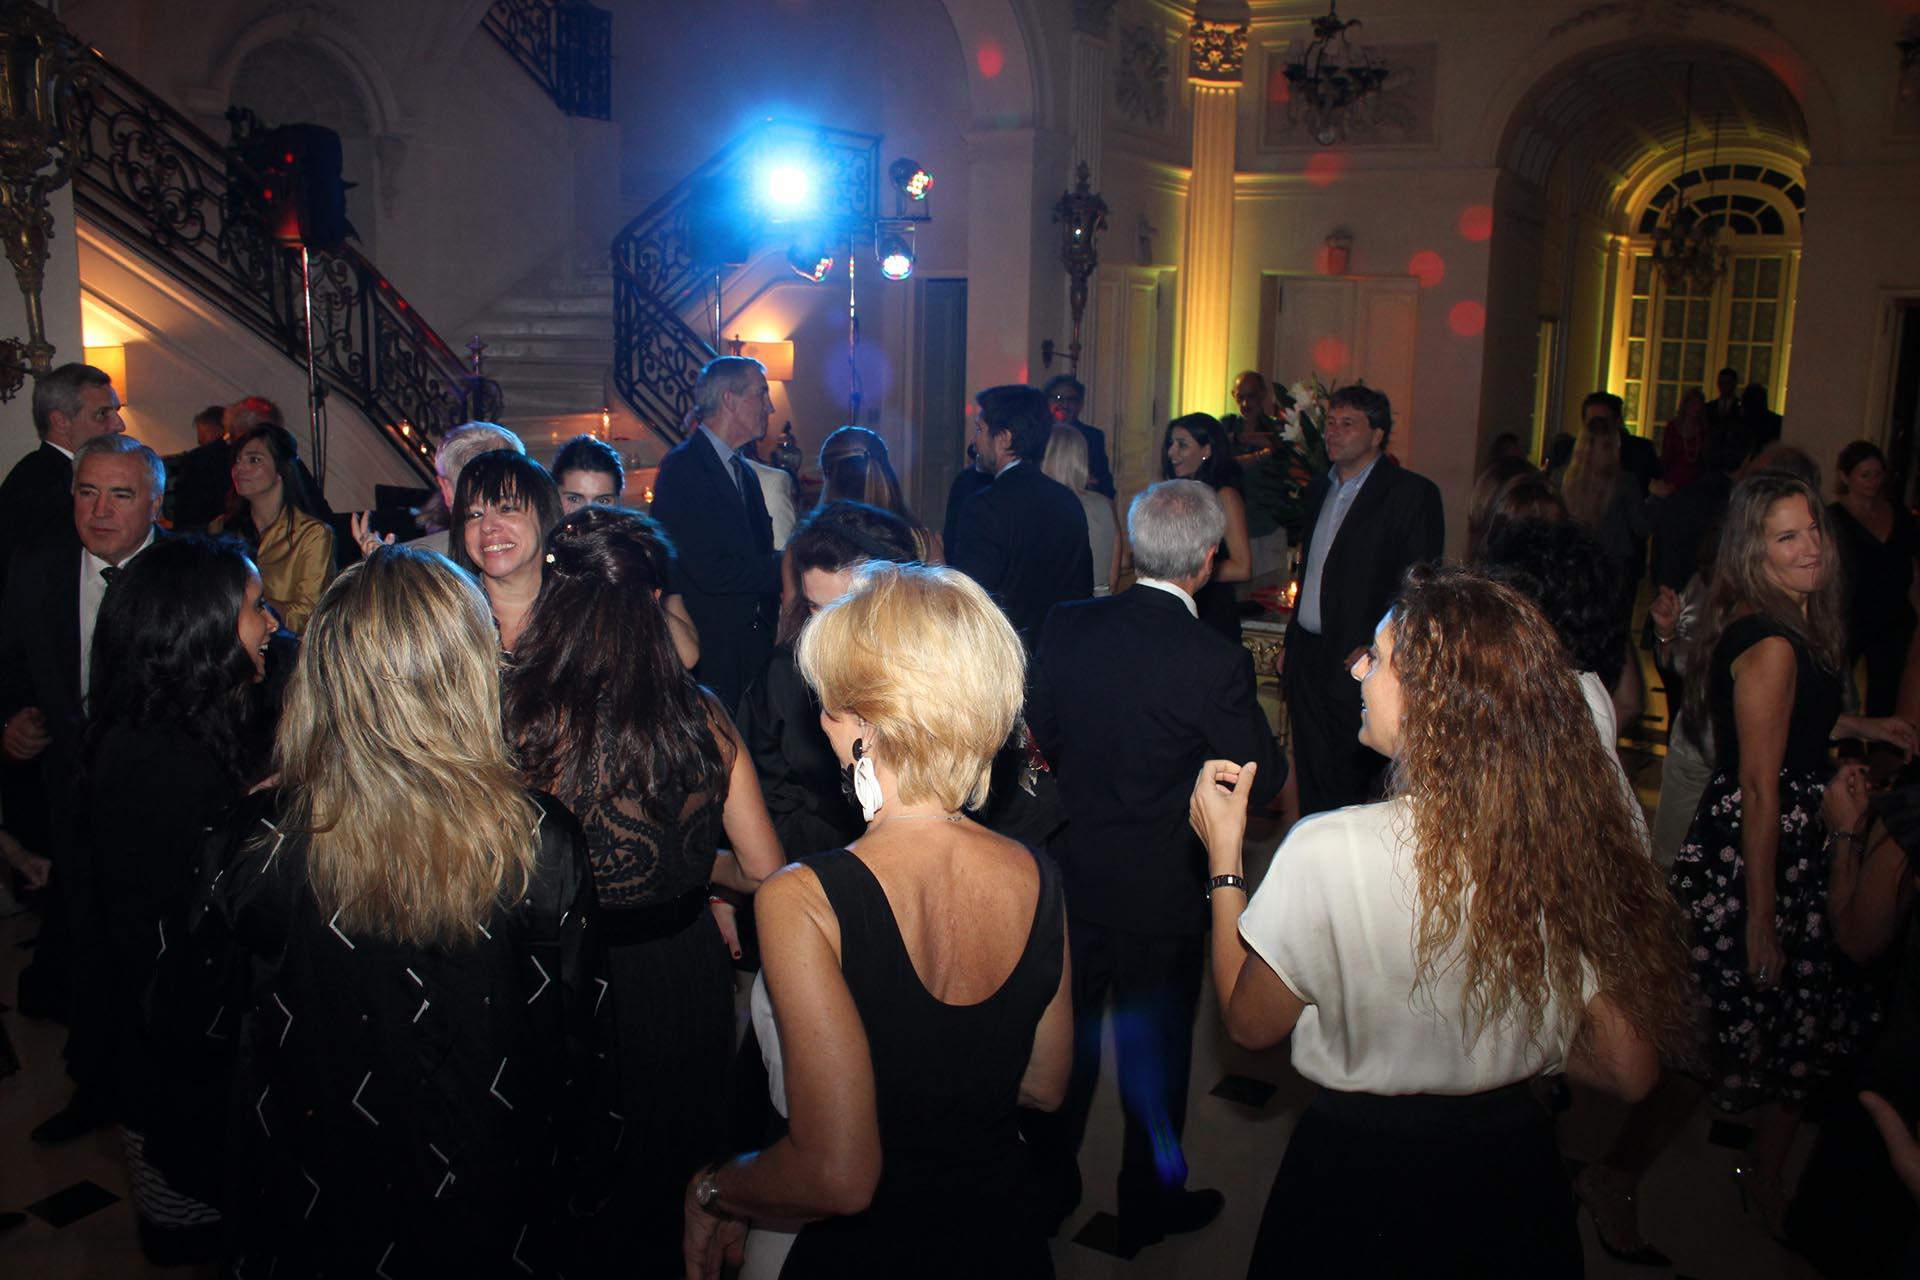 La pista de baile en uno de los fabulosos salones de la embajada de Italia